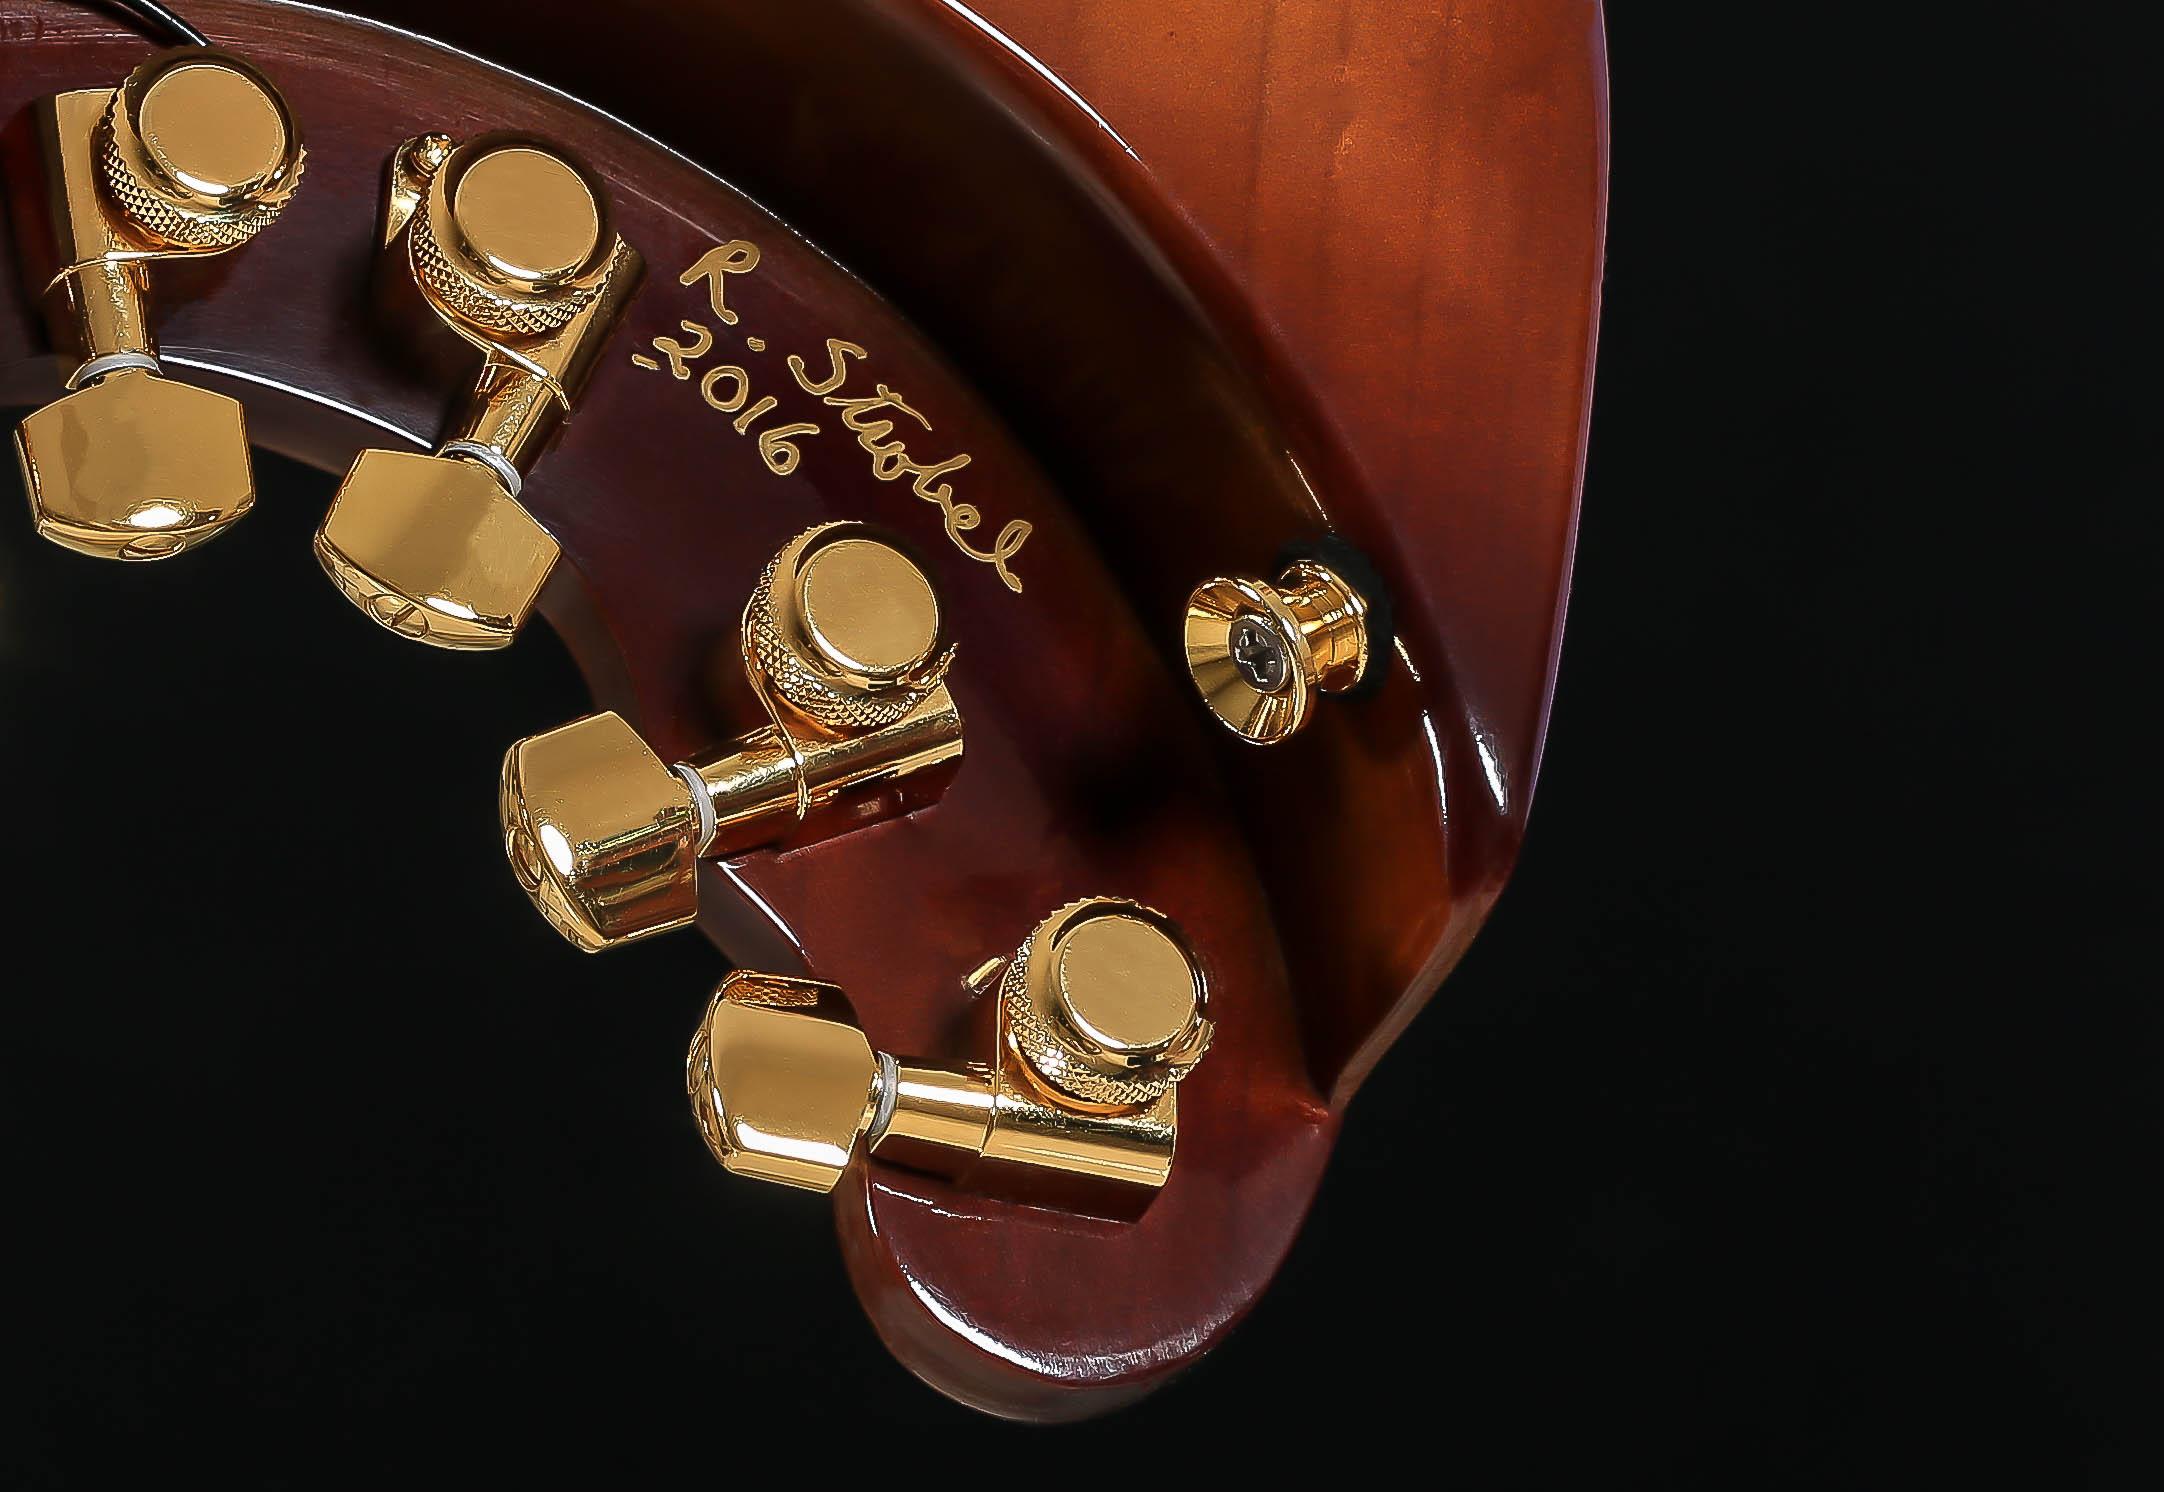 HoneyBurst STROBELCASTER Custom Travel Guitar - signed